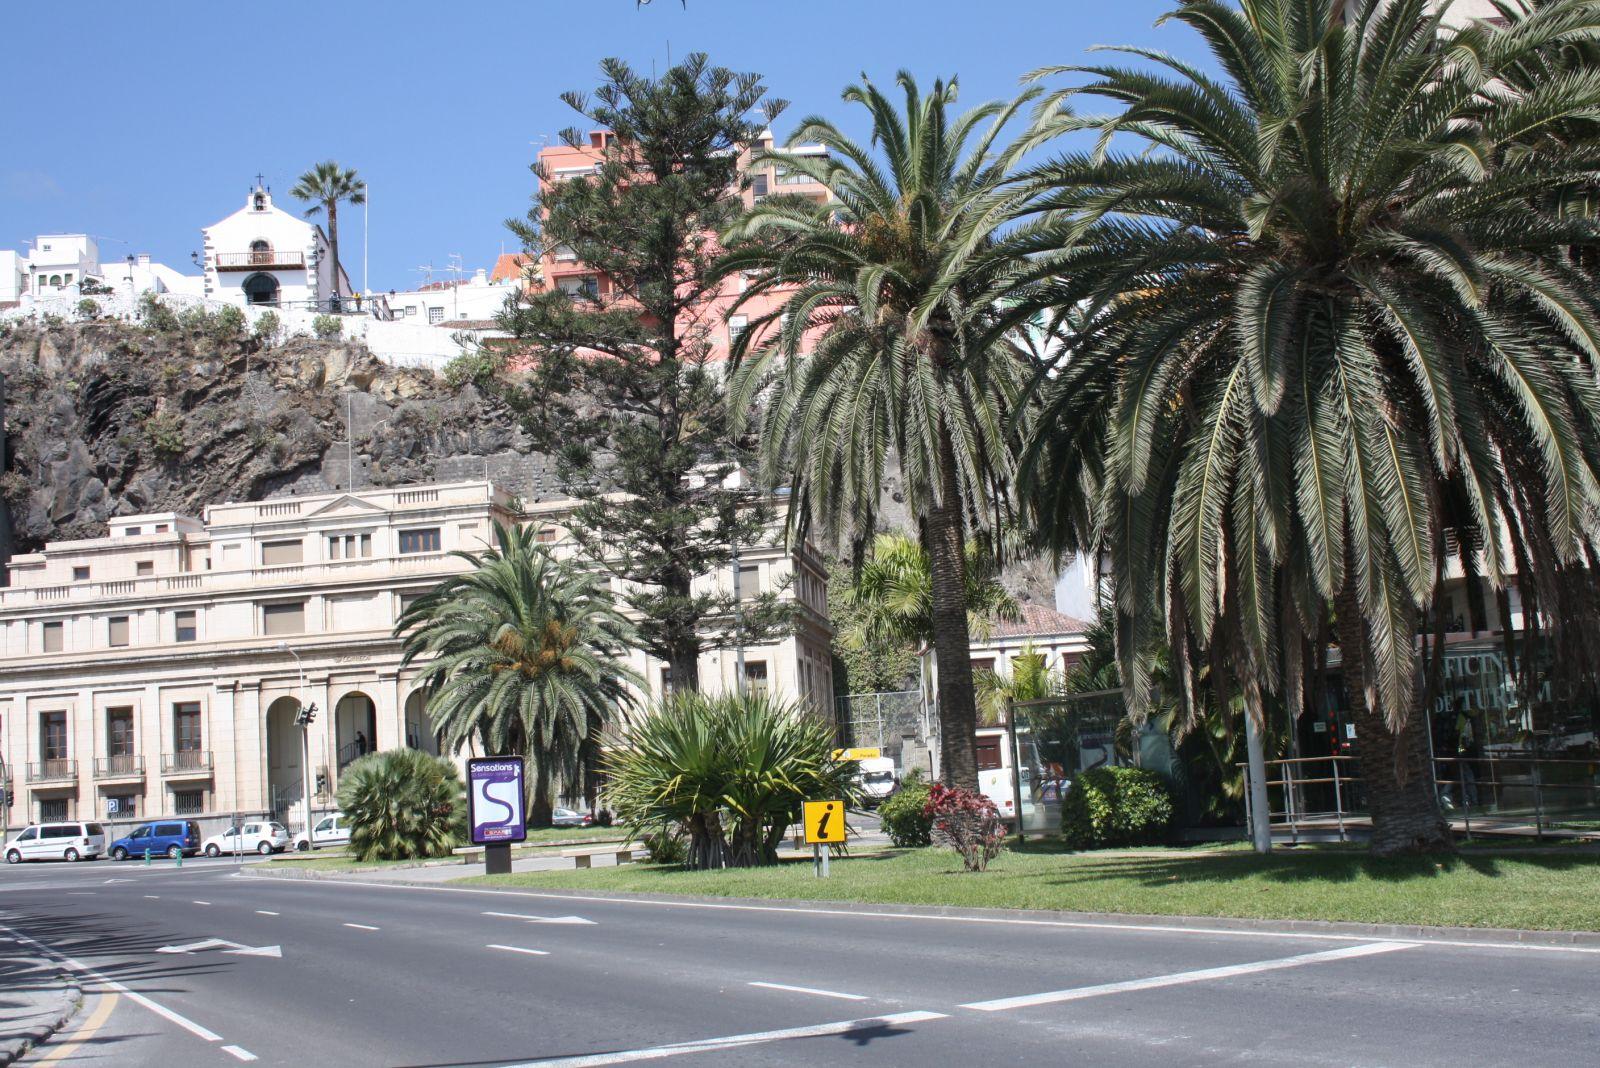 Plaza de la constituci n jard n de obras correos y for Oficinas correos palma